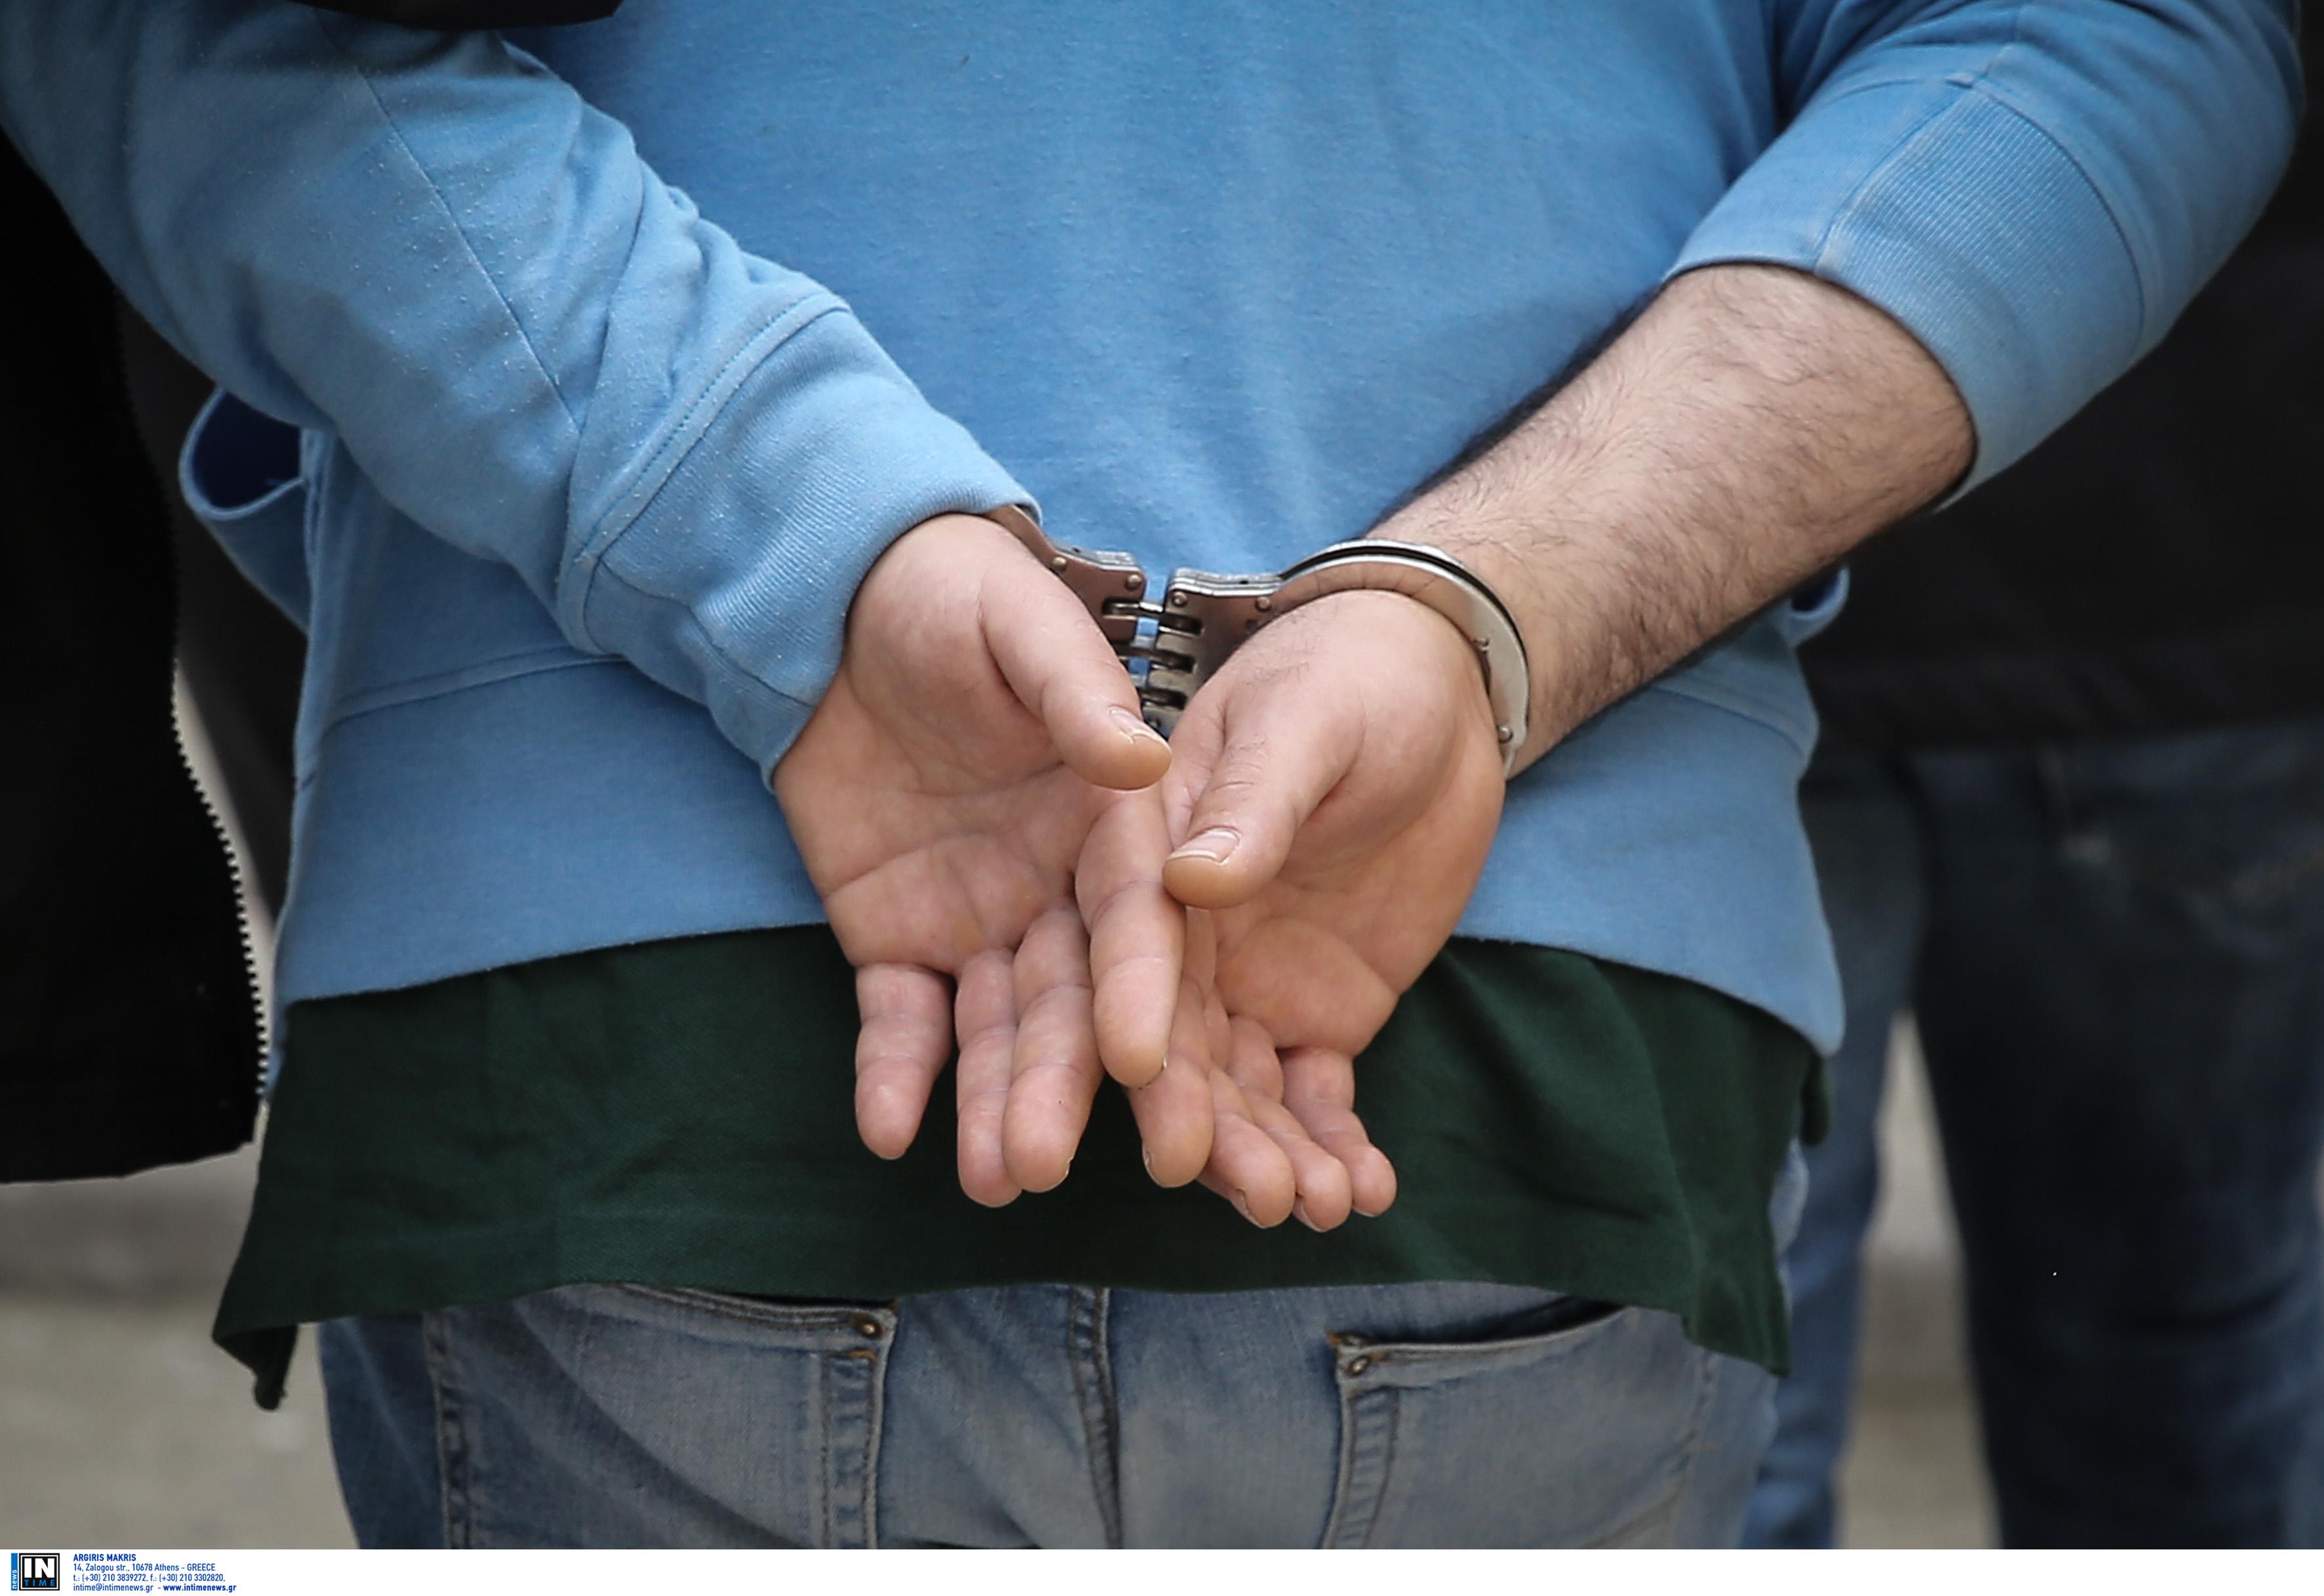 Πελοπόννησος: Βροχή συλλήψεων για ναρκωτικά, όπλα, ρευματοκλοπές και καταδικαστικές αποφάσεις!